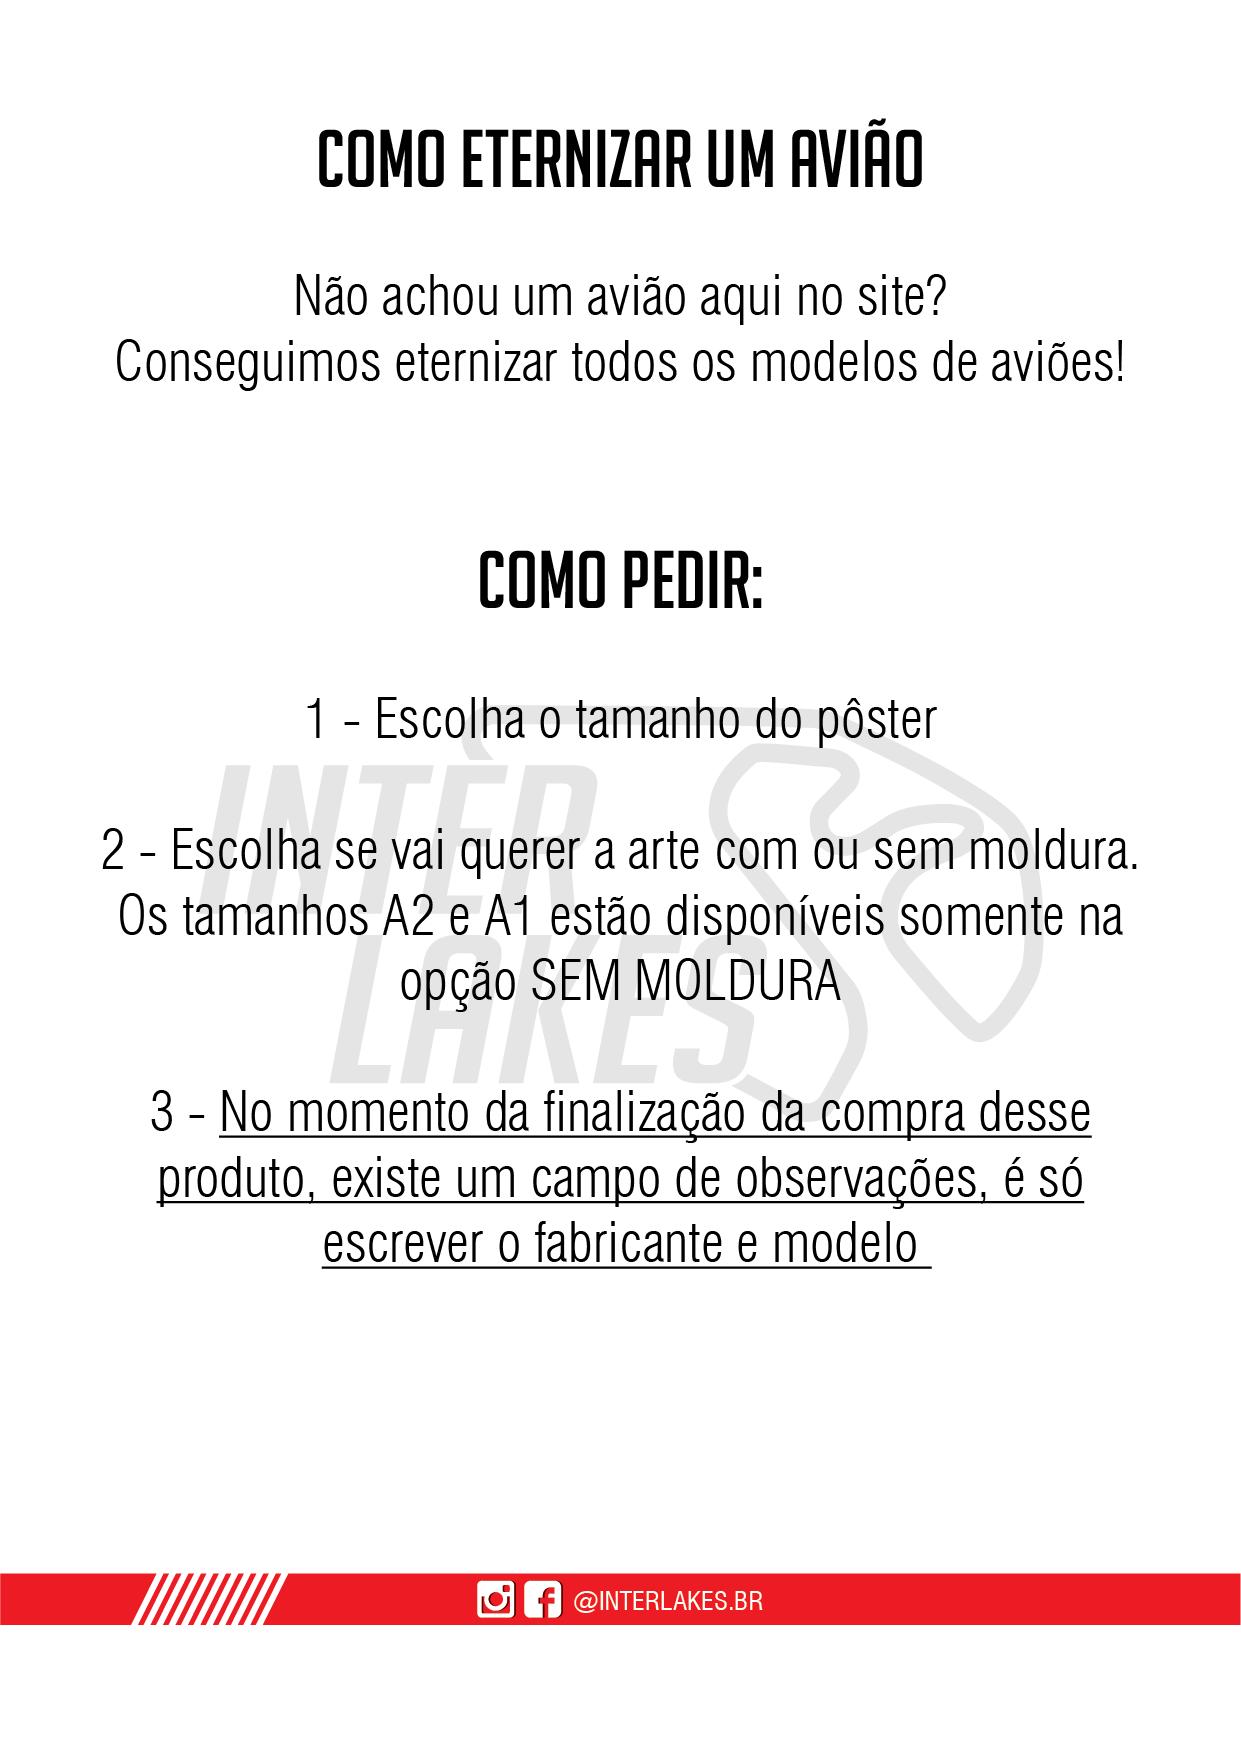 ENCOMENDE SEU AVIÃO